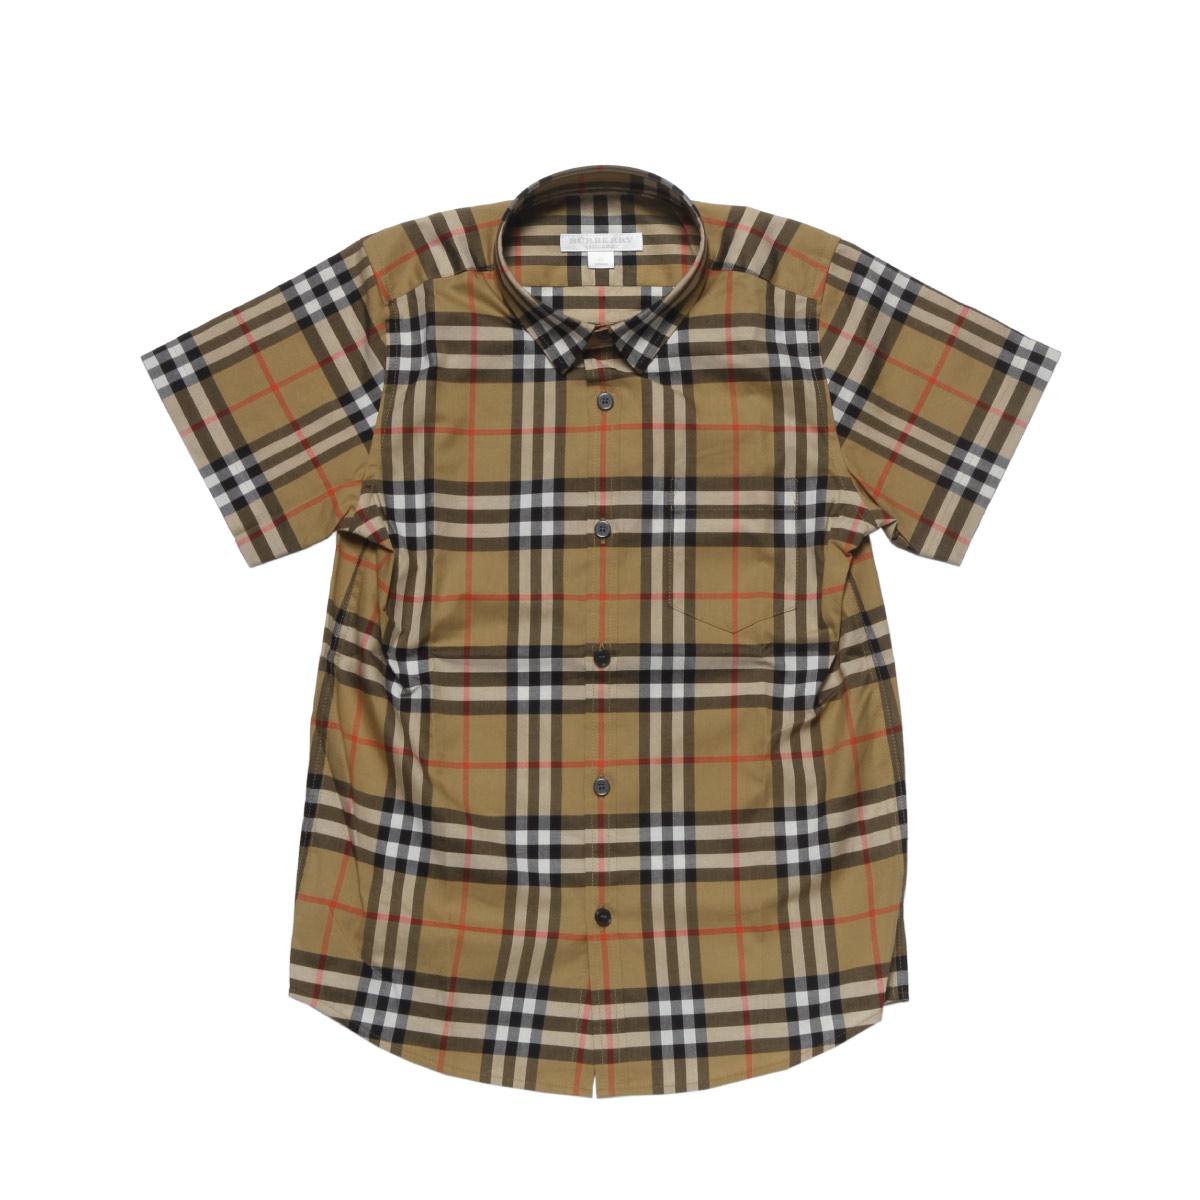 バーバリー BURBERRY シャツ キッズ ボーイズ 8002633 半袖シャツ ANTIQUE YELLOW ベージュ 8A-14A